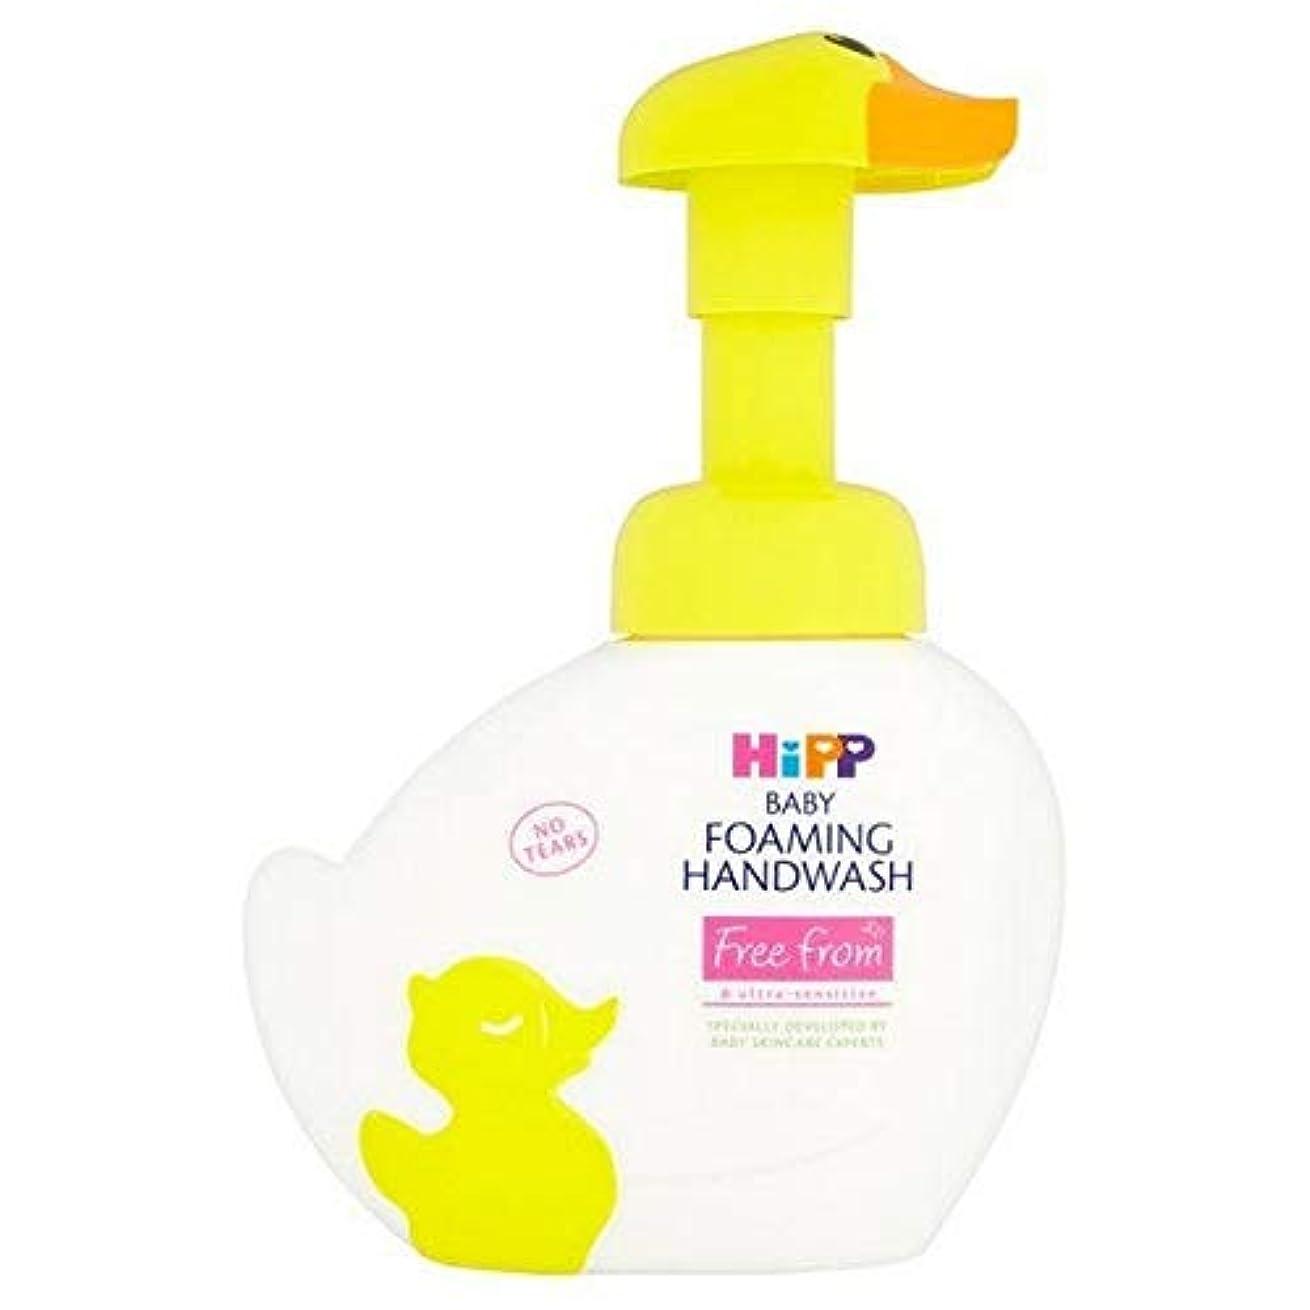 とアリス怒り[Hipp ] ヒップ自由手洗いの250ミリリットルを発泡から - HiPP Free From Foaming Handwash 250ml [並行輸入品]